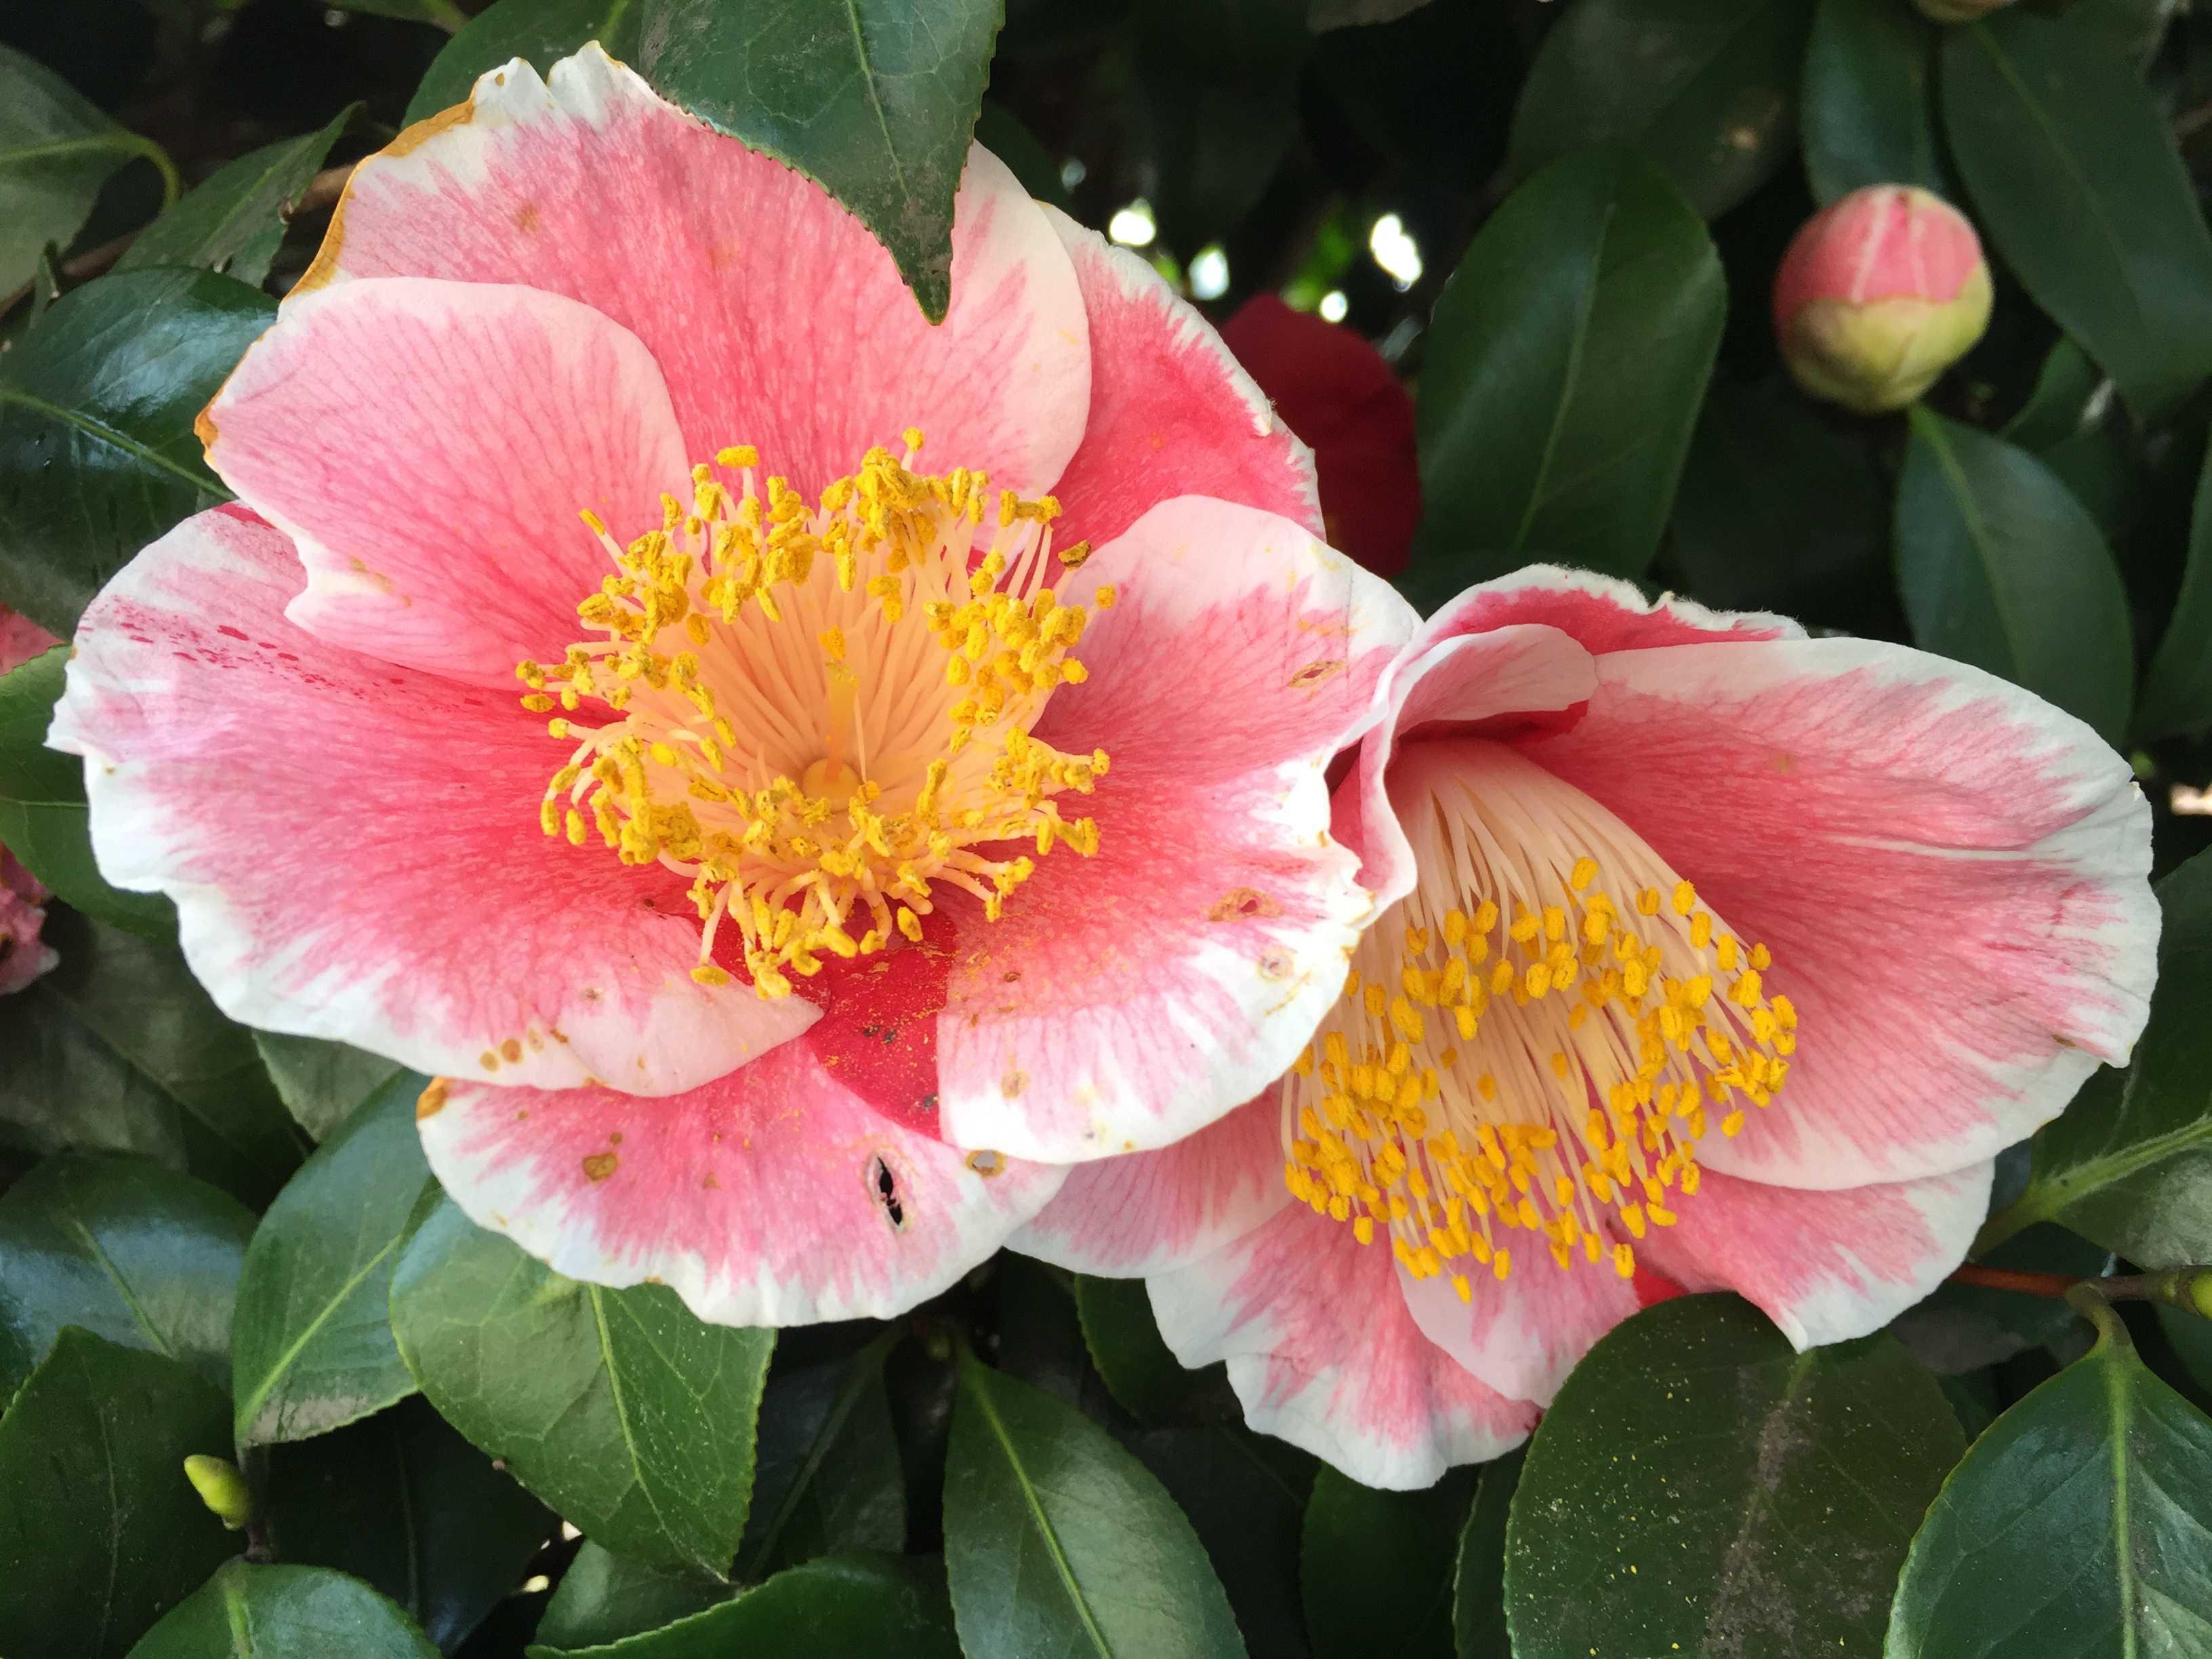 参平椿 - 桃色に白の覆輪のあるツバキ